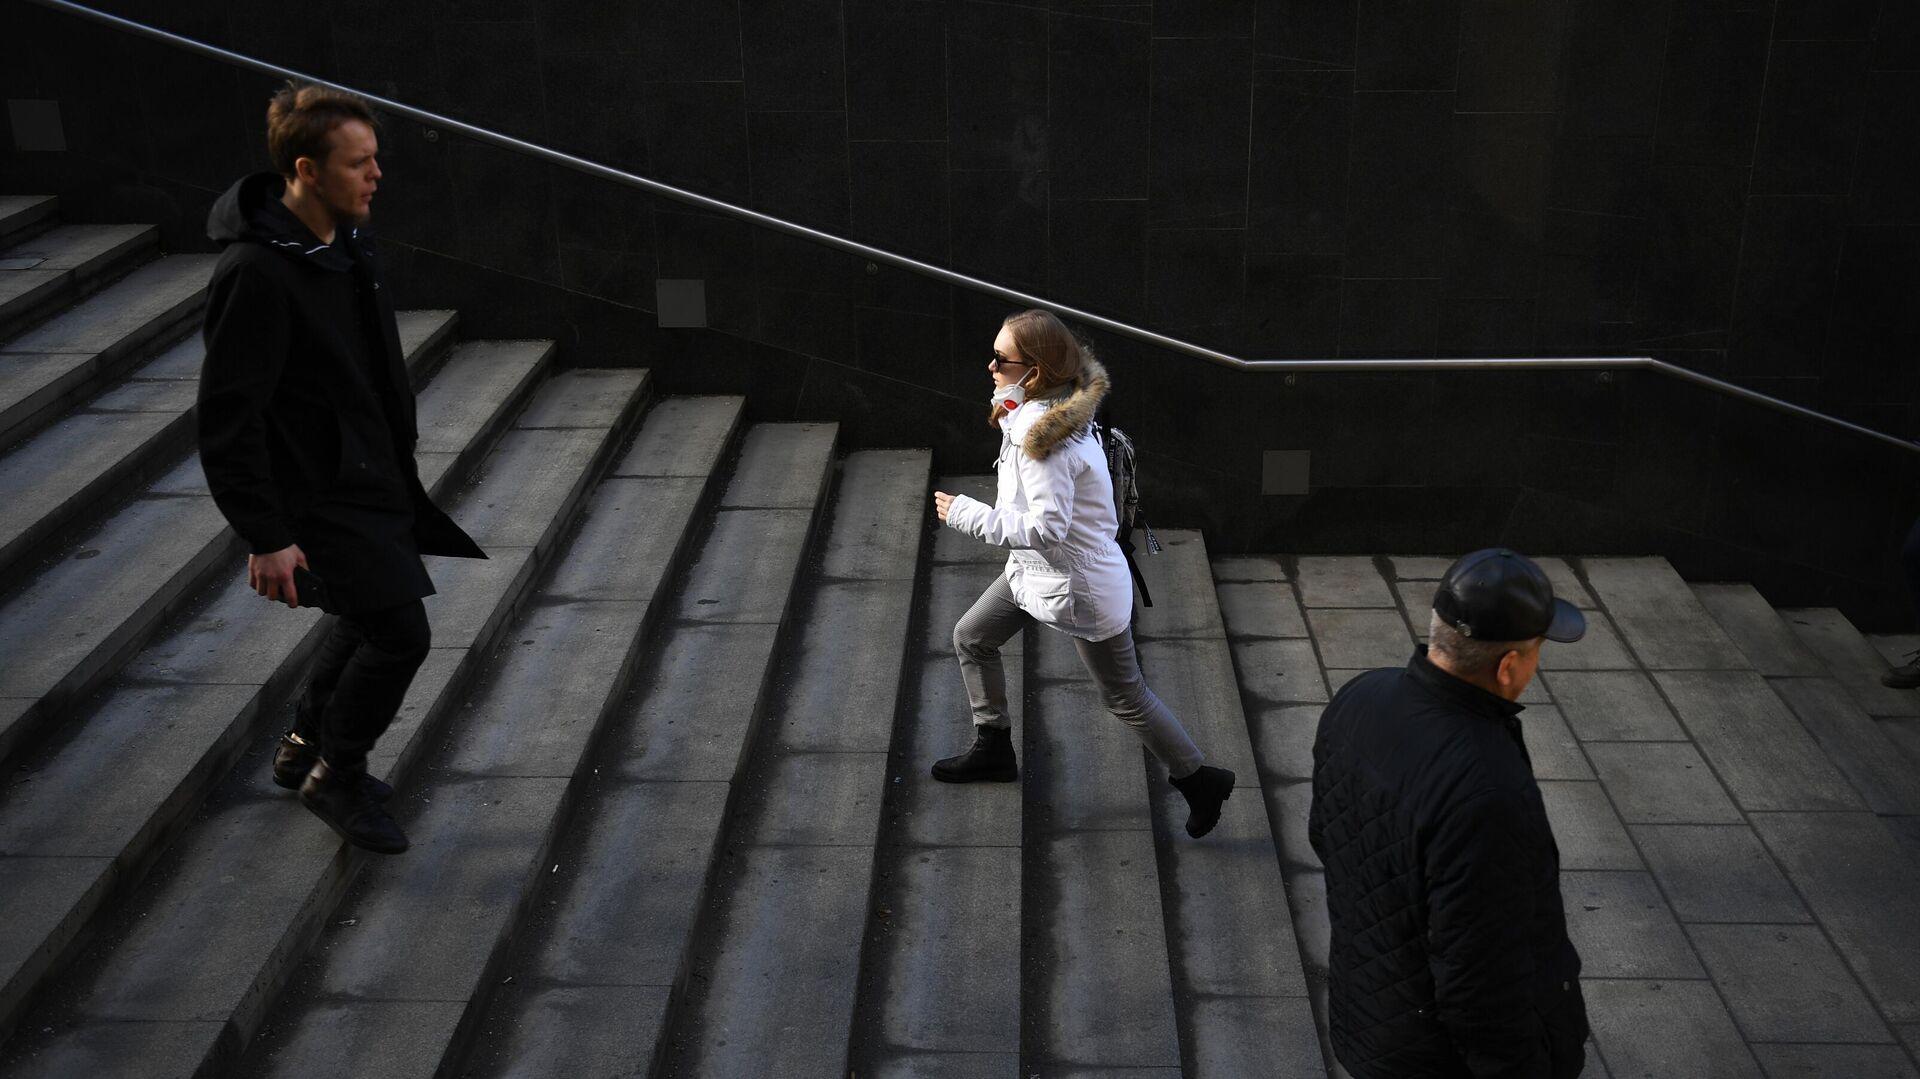 Прохожие у станции метро ВДНХ в Москве - РИА Новости, 1920, 06.03.2021